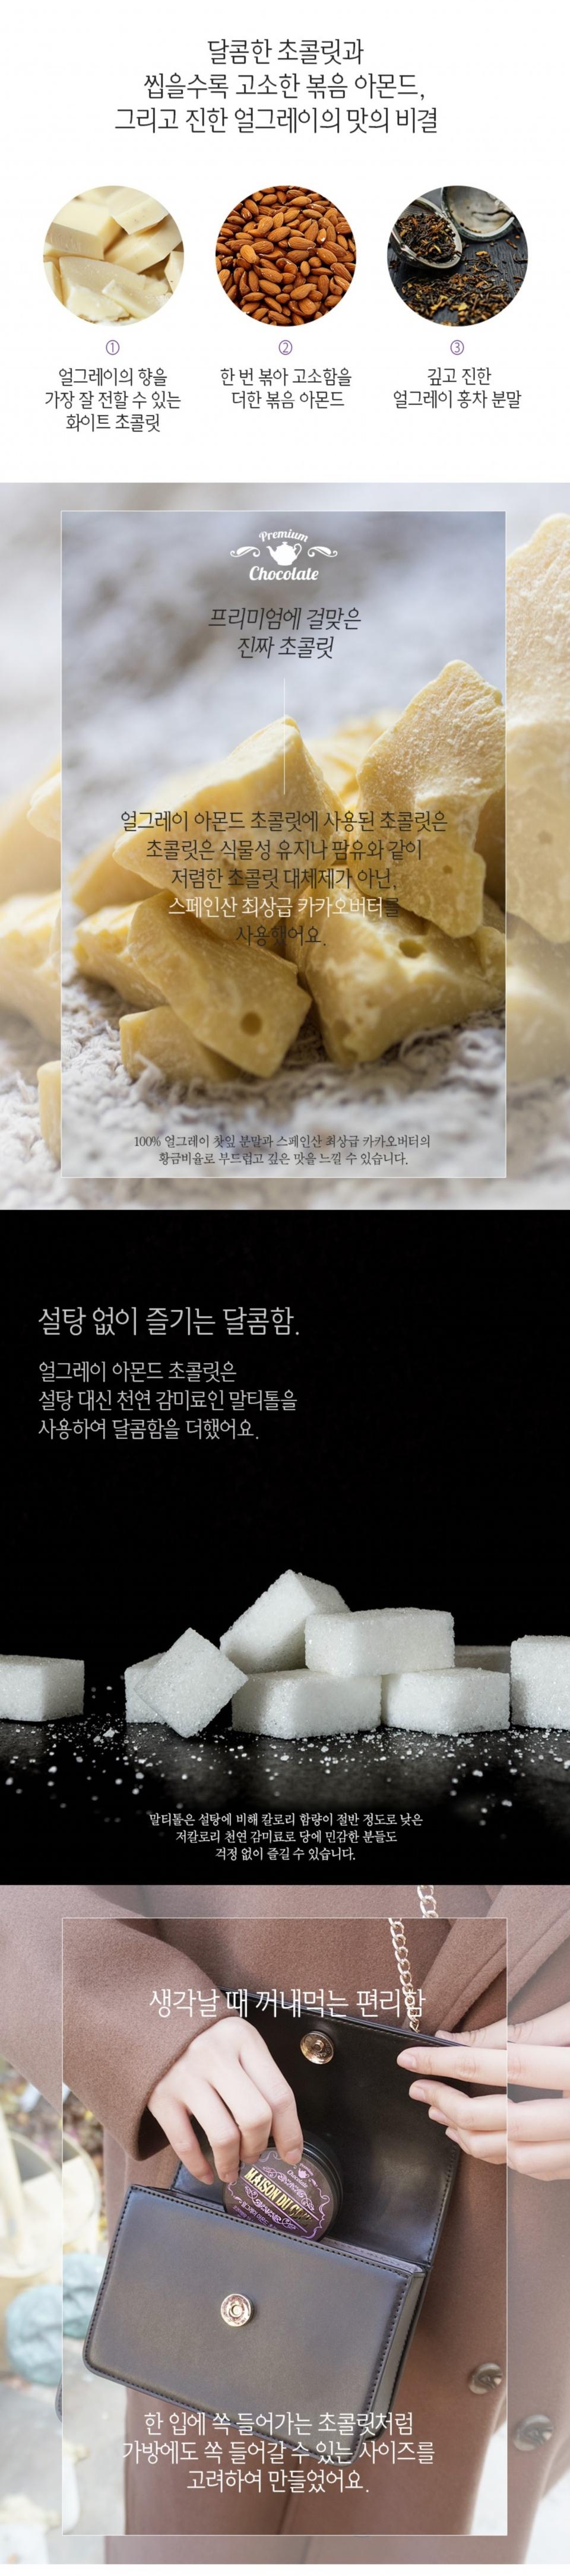 크리에이티브크루 얼그레이 아몬드 초콜릿 체험단 모집 (11.17~11.30)